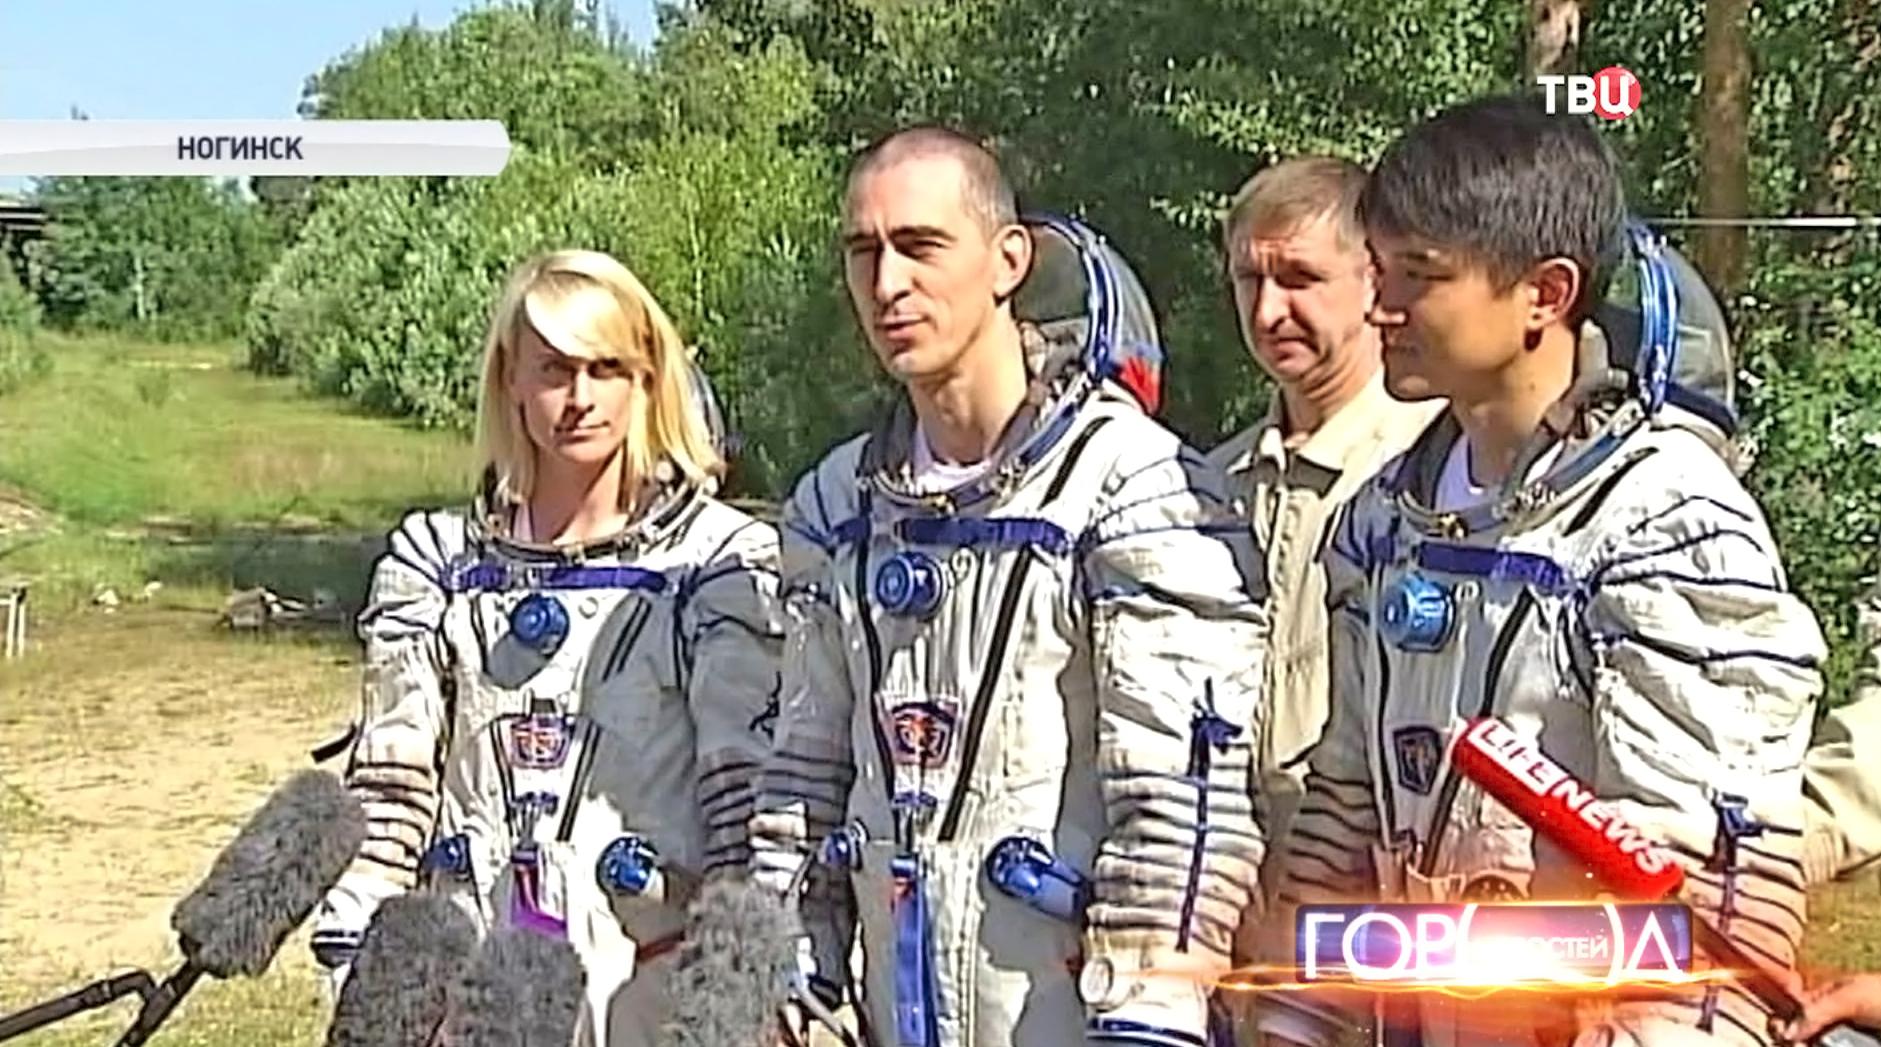 Космонавты на тренировке в Ногинске